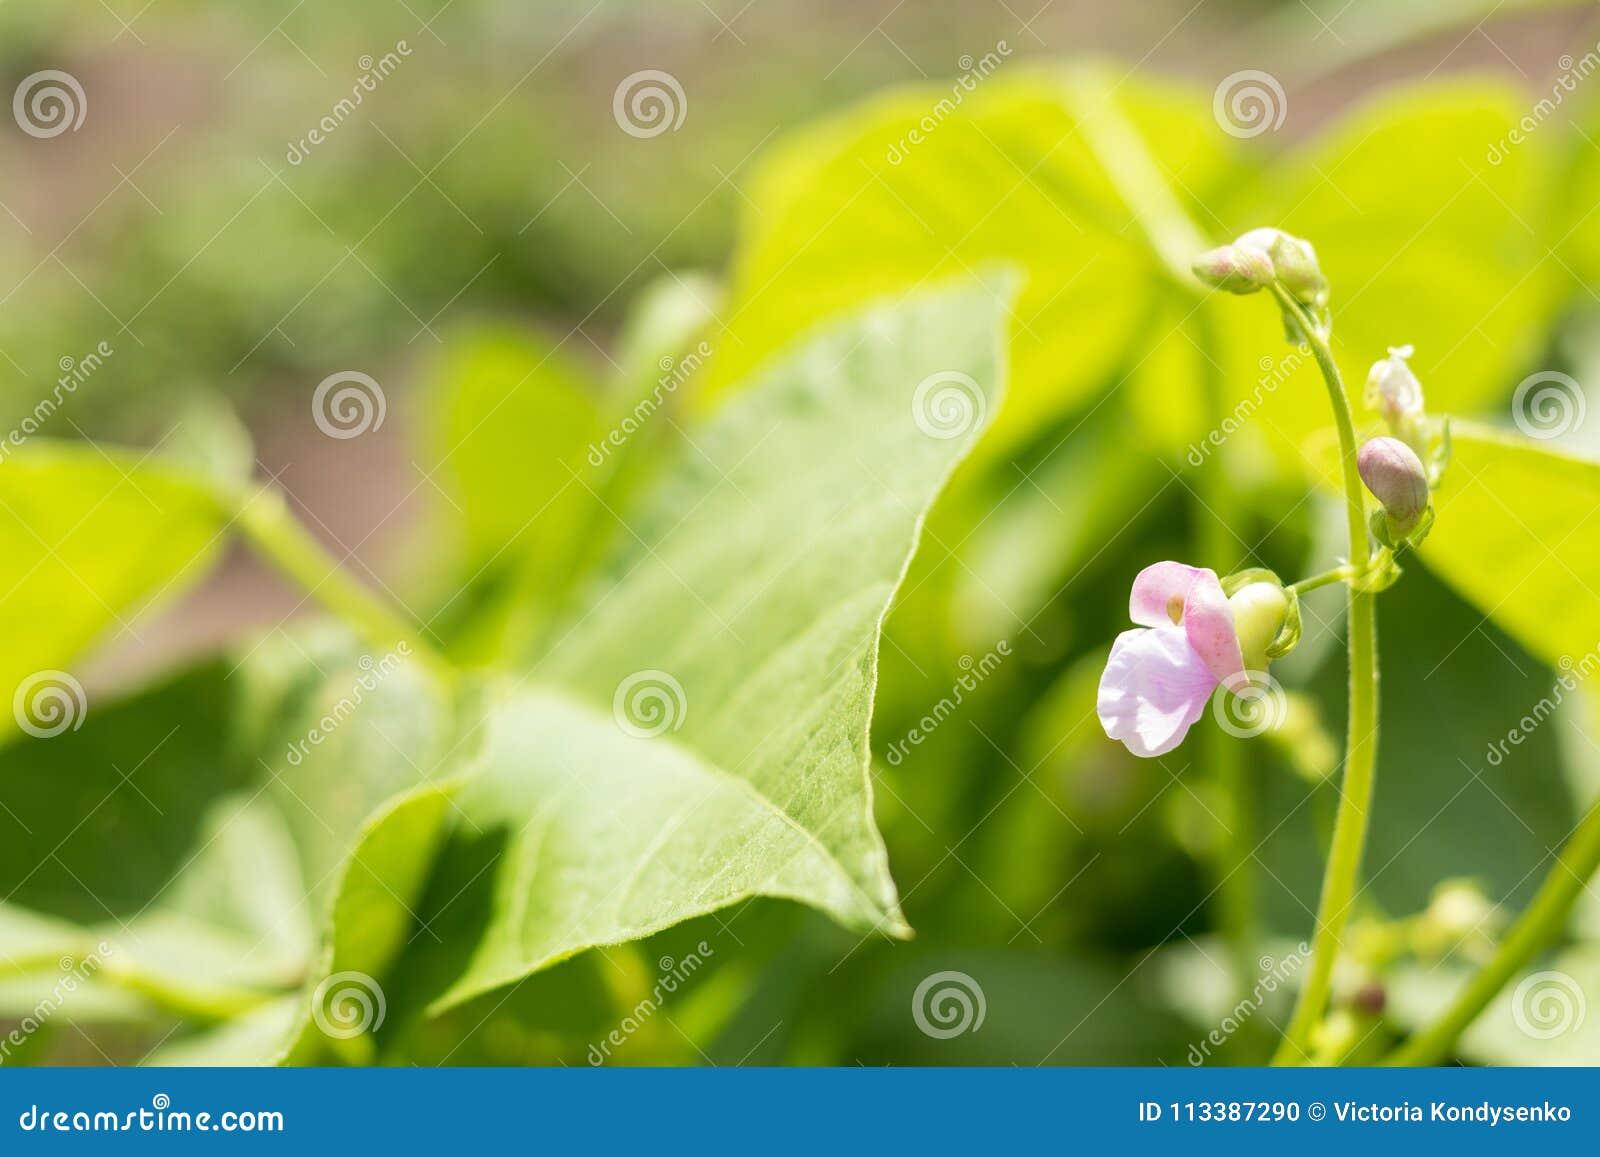 Bohnenanlagen und -blumen als sehr netter natürlicher Hintergrund